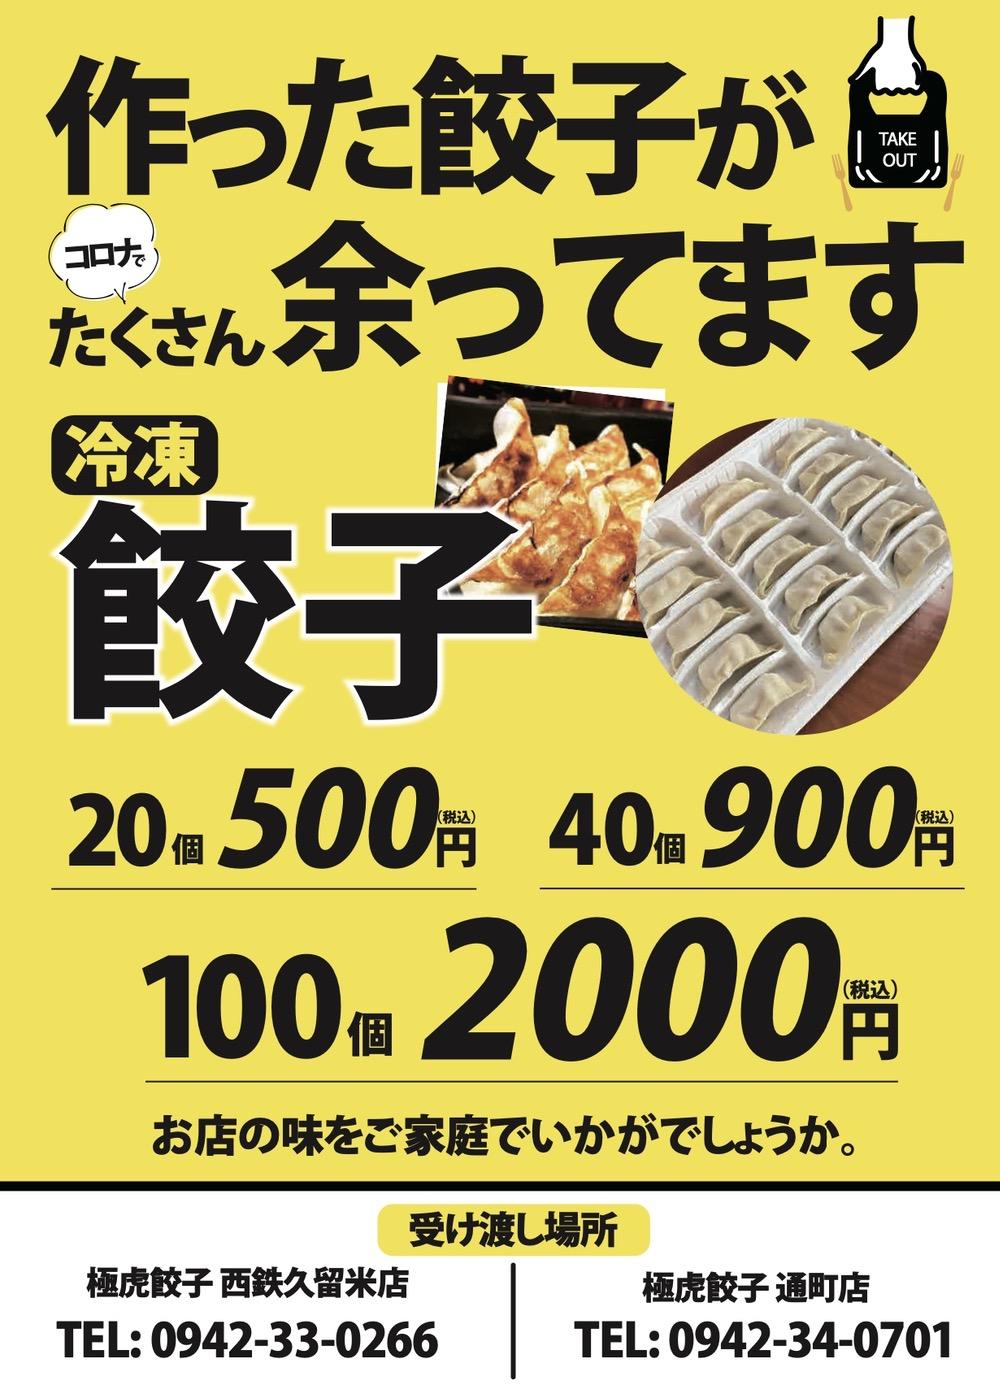 久留米の極虎餃子が冷凍餃子販売!コロナ休業期間で余った餃子を格安提供!!